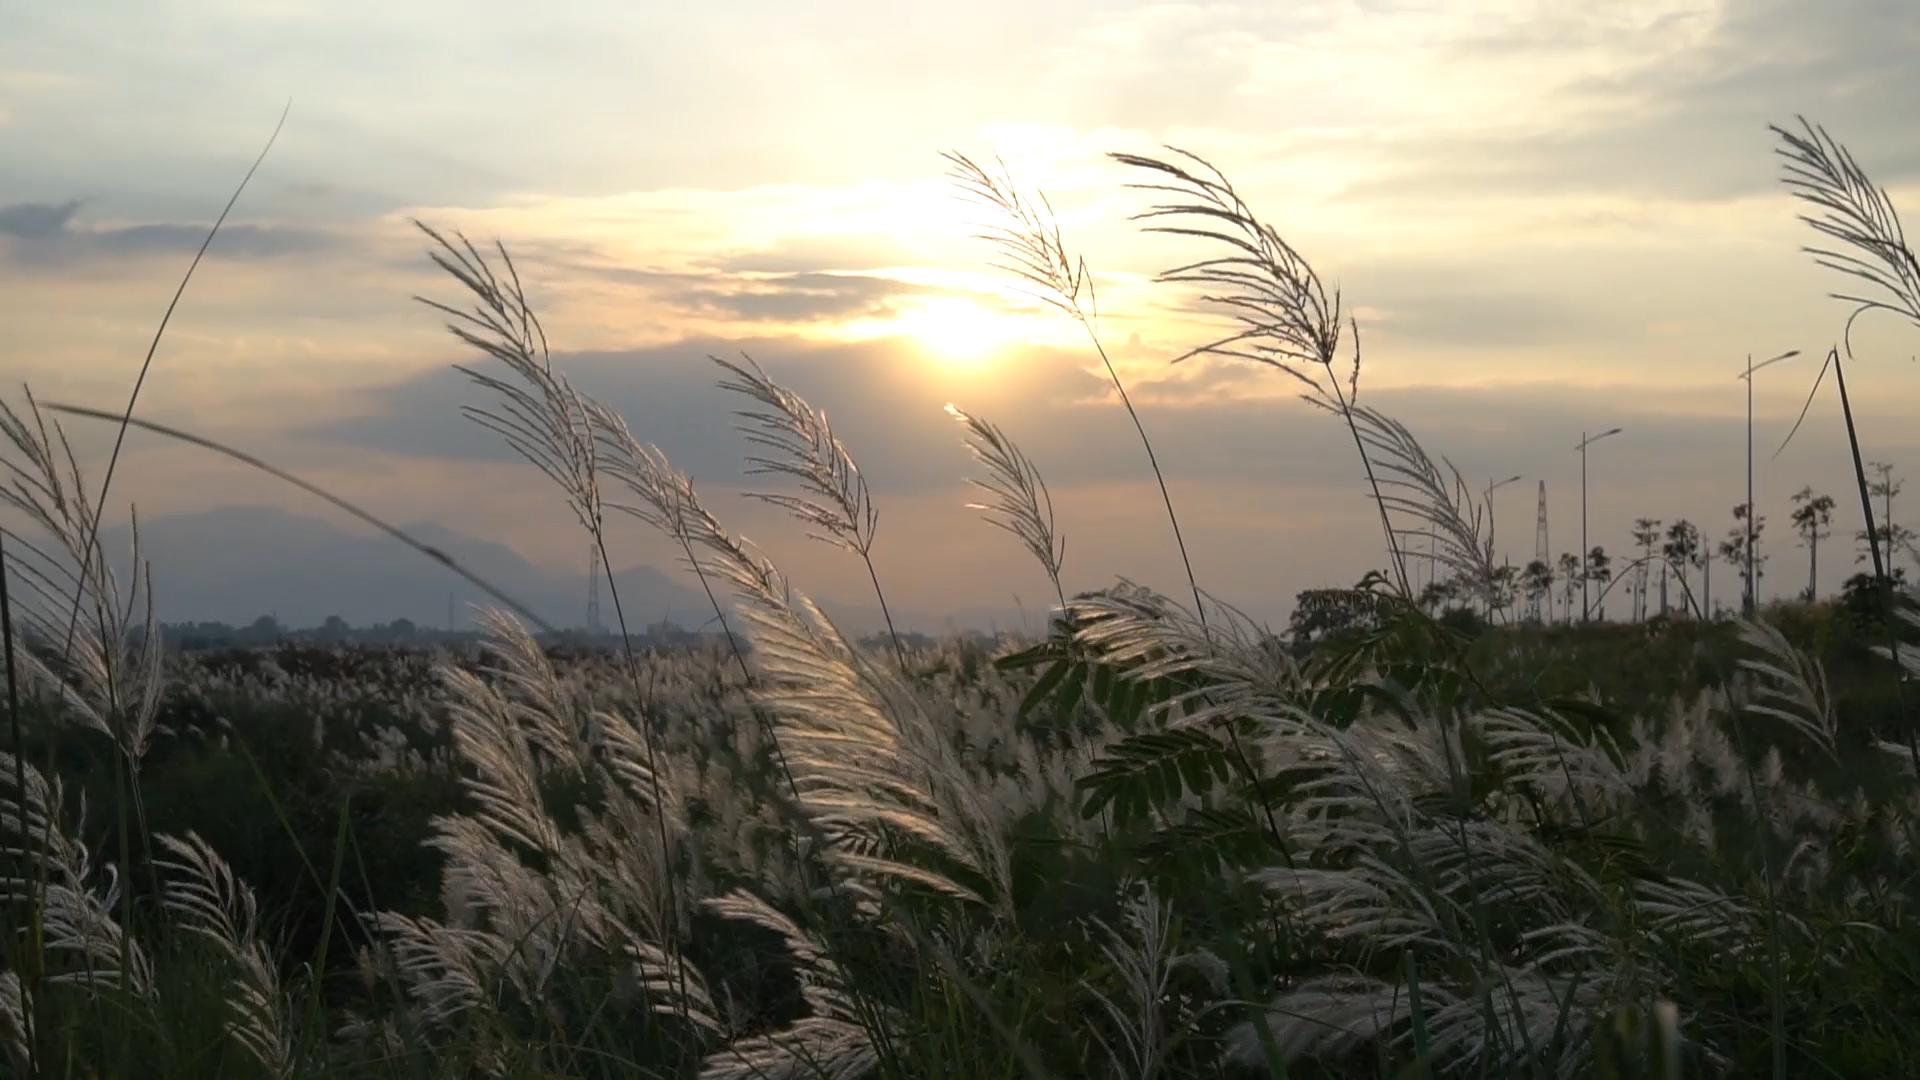 Cánh đồng cỏ lau trắng ở Quảng Ngãi thu hút giới trẻ chụp ảnh